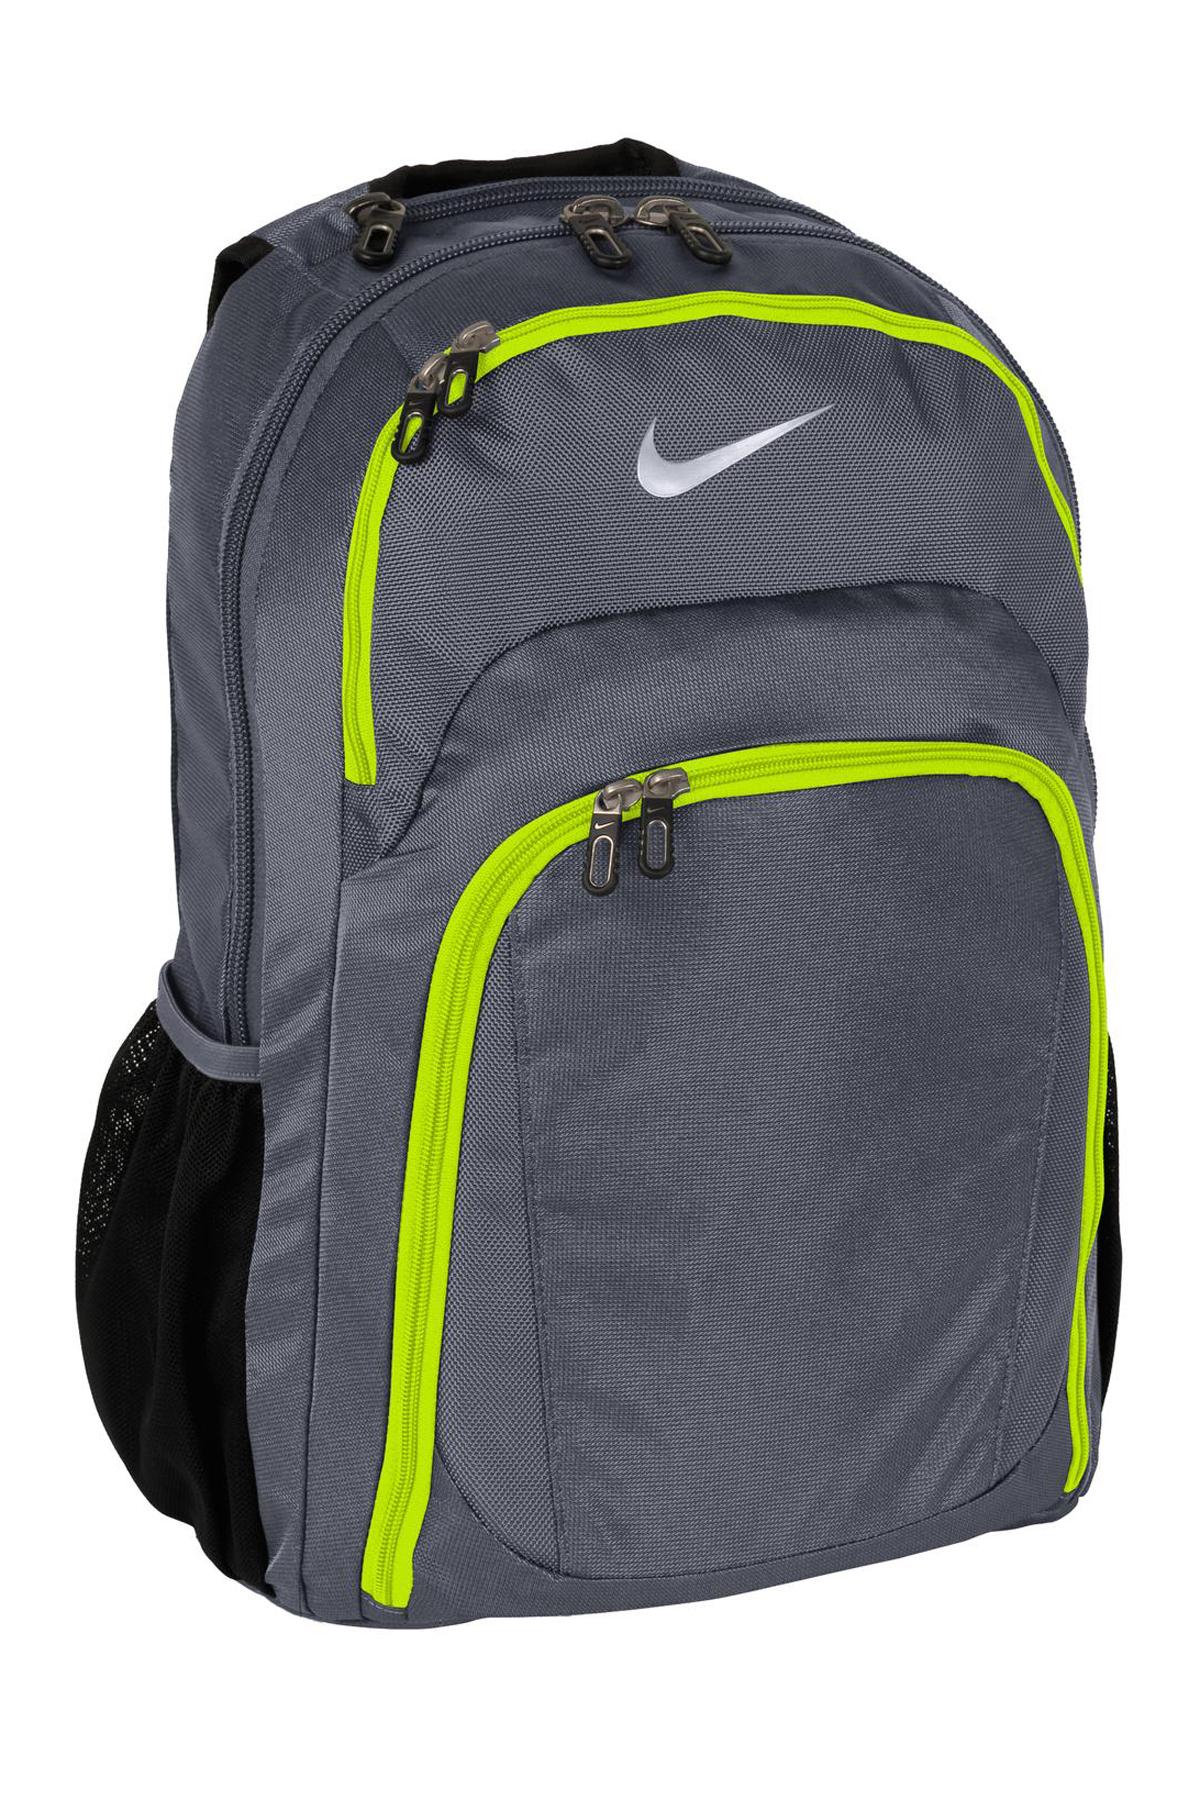 Bags-Backpacks-34